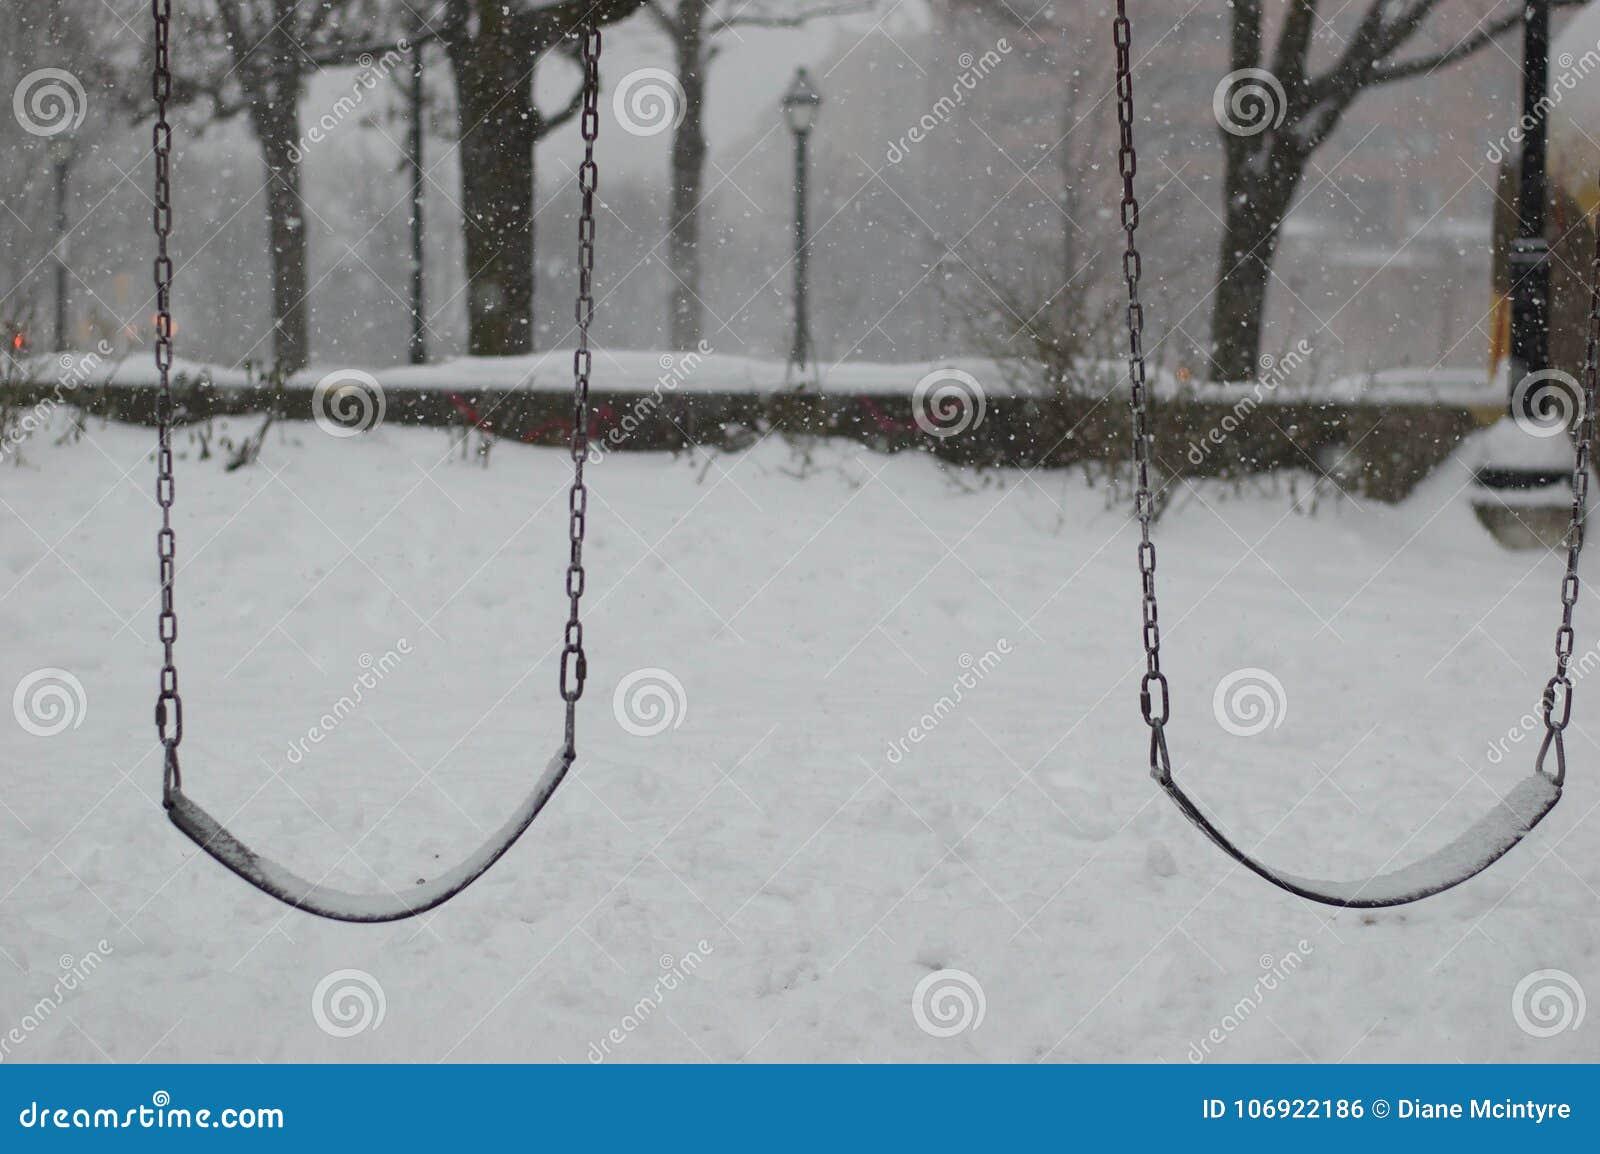 Śnieg spada na pustych huśtawkach w opustoszałym parku Jest jest zimny, niesamowity i obskurny